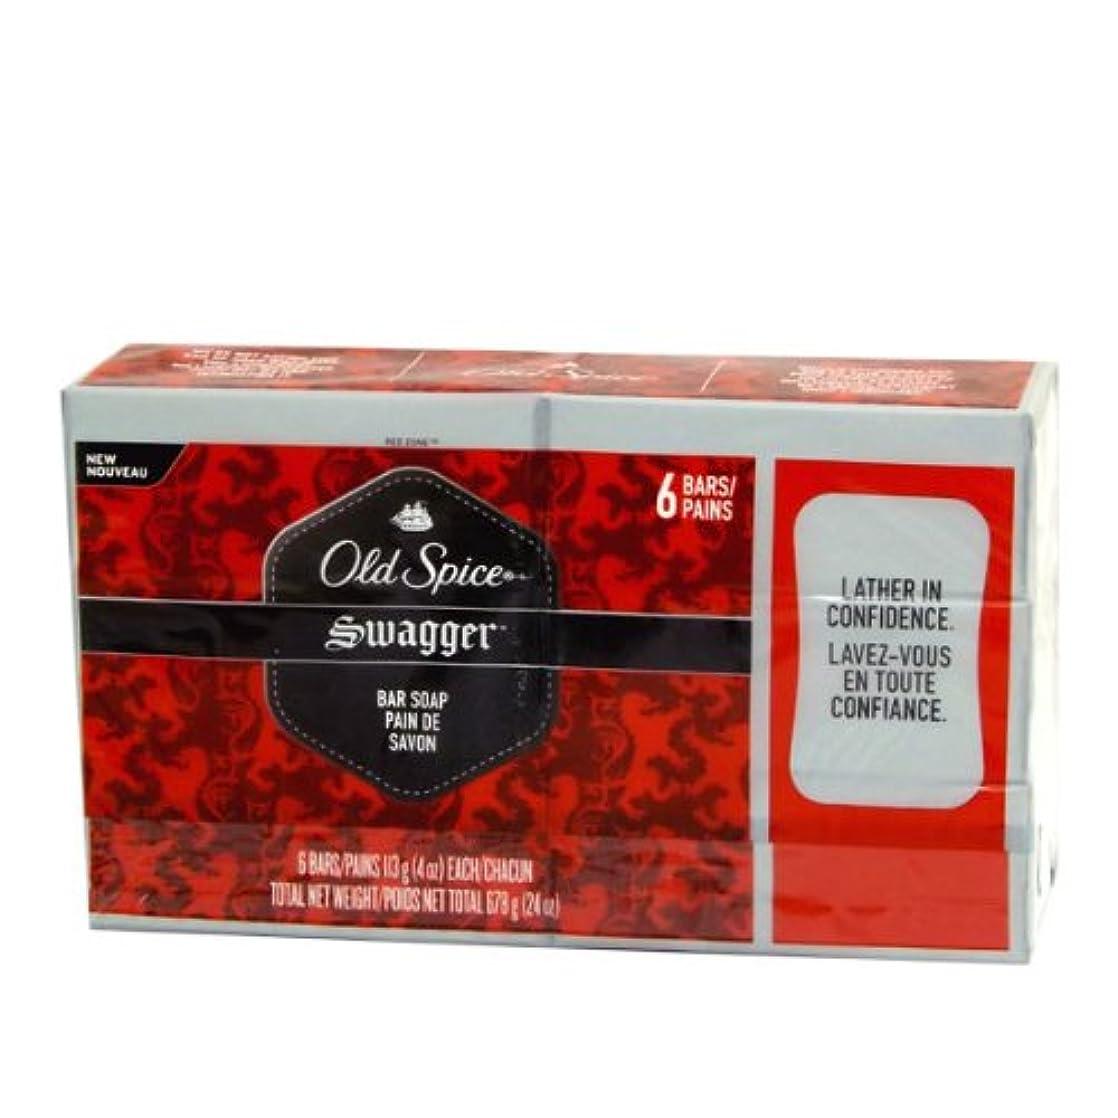 口教育する望まないOld spice bar soap swagger オールドスパイス バーソープ スワガー (石鹸) 6個パック [並行輸入品]